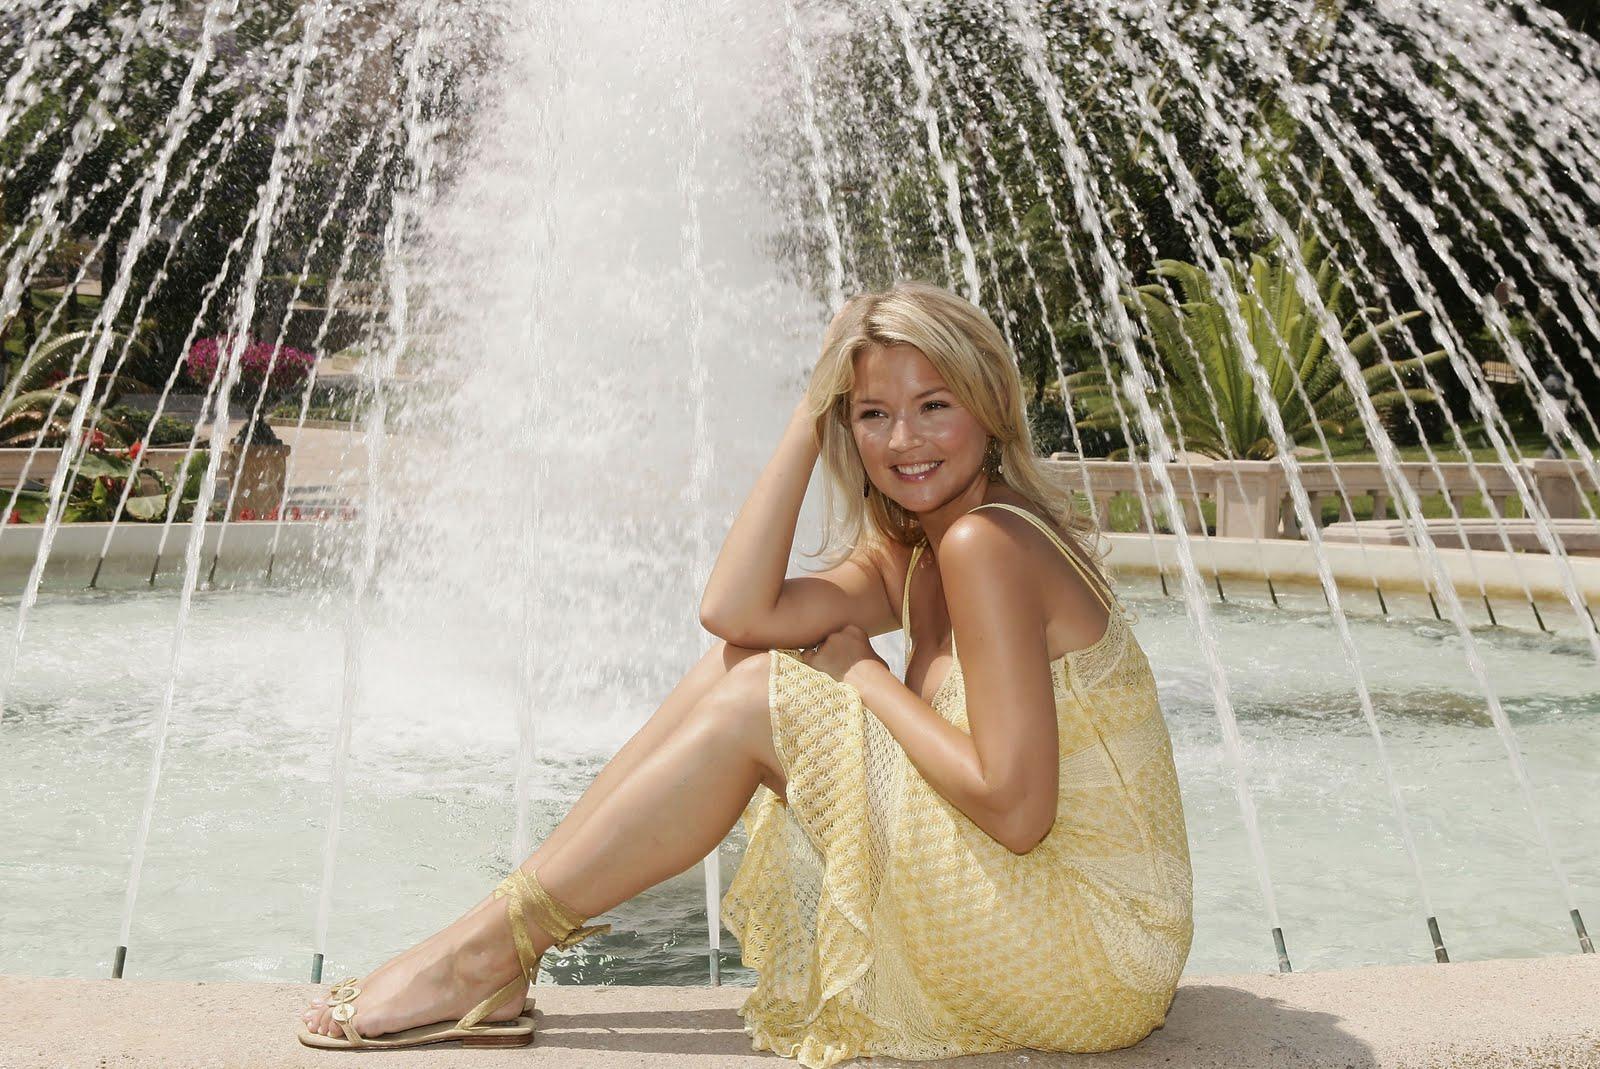 http://4.bp.blogspot.com/_UaLWp72nij4/TGxL379mLNI/AAAAAAAATxs/obMUUwwUmg4/s1600/virginie-efira-feet-3.jpg